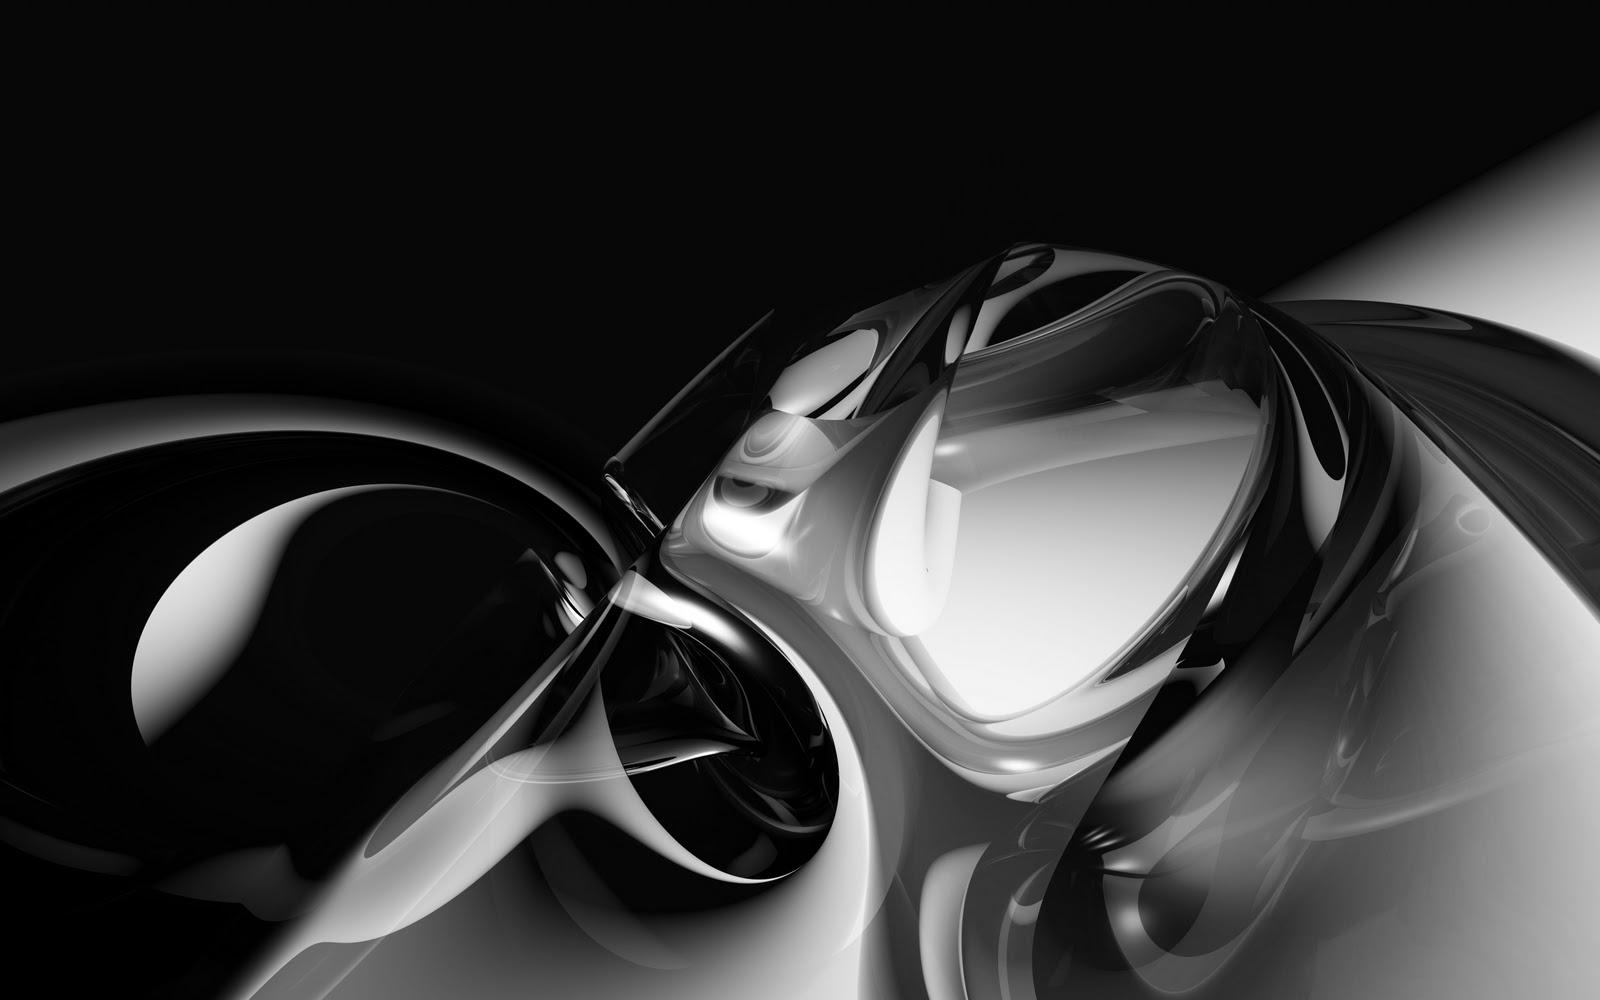 Fondos Blanco y Negro | FONDOS DE PANTALLA Wallpapers